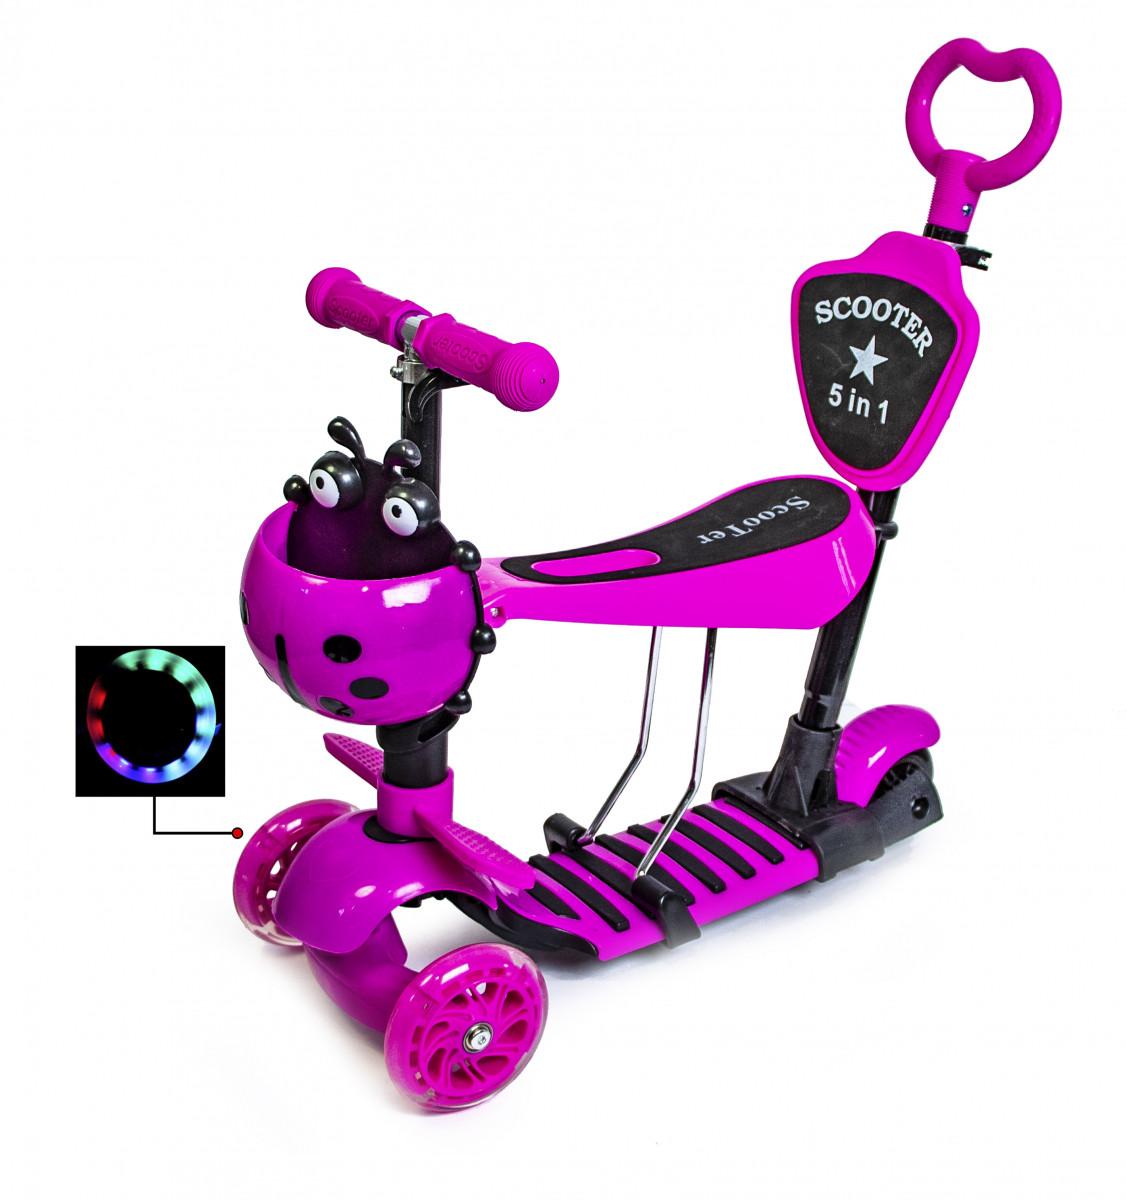 """Детский самокат Scooter 5in1 с корзинкой """"Божья коровка"""" розовый"""